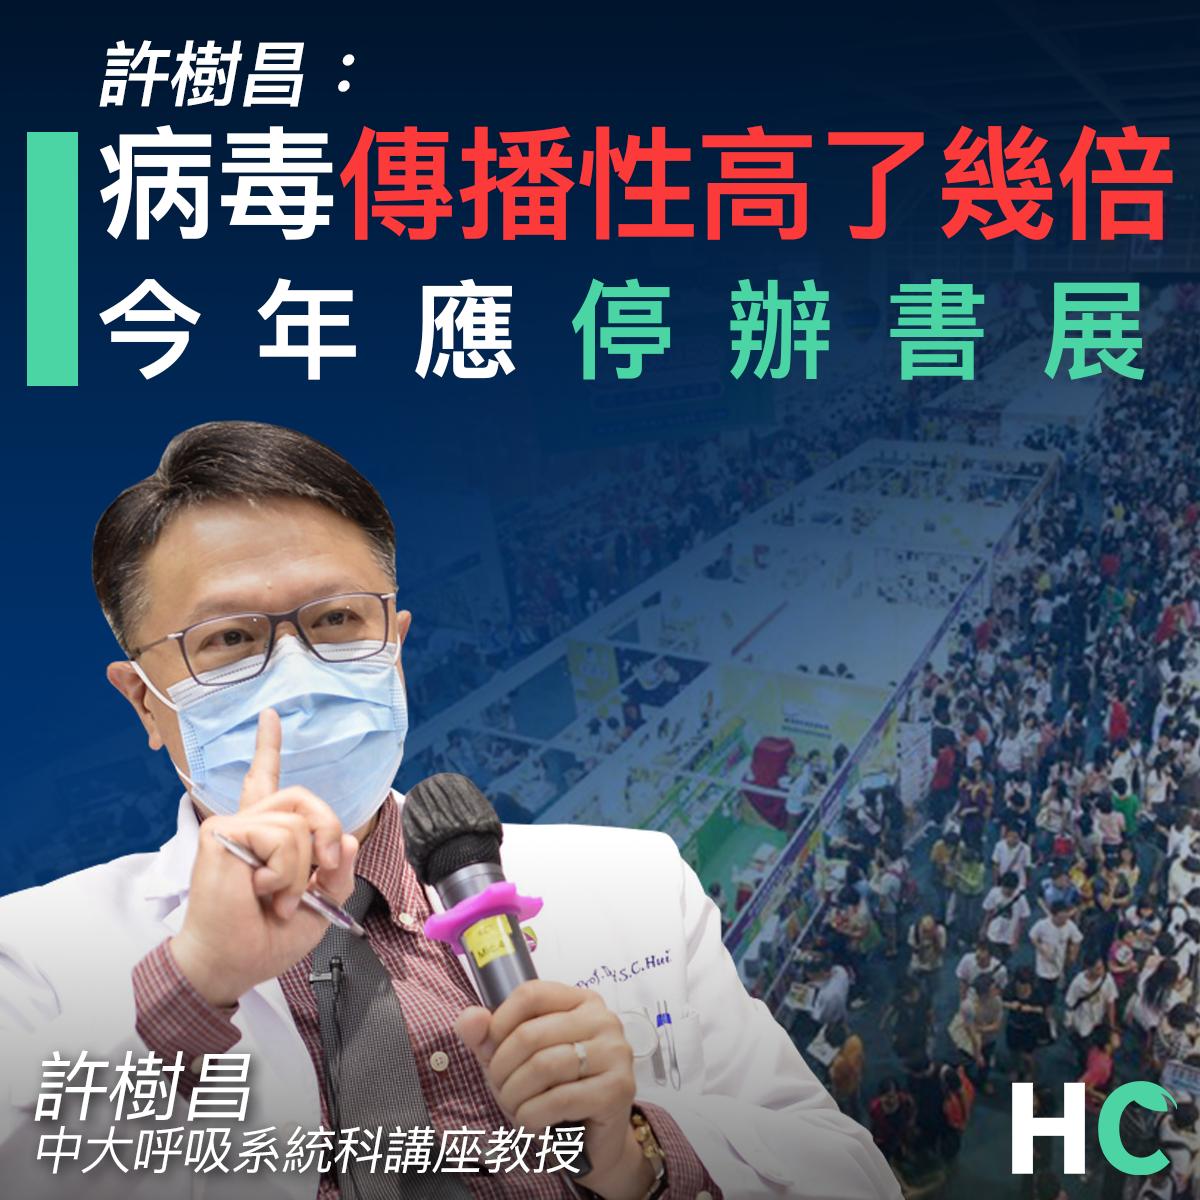 【#新型肺炎】許樹昌:病毒傳播性高了幾倍 今年應停辦書展